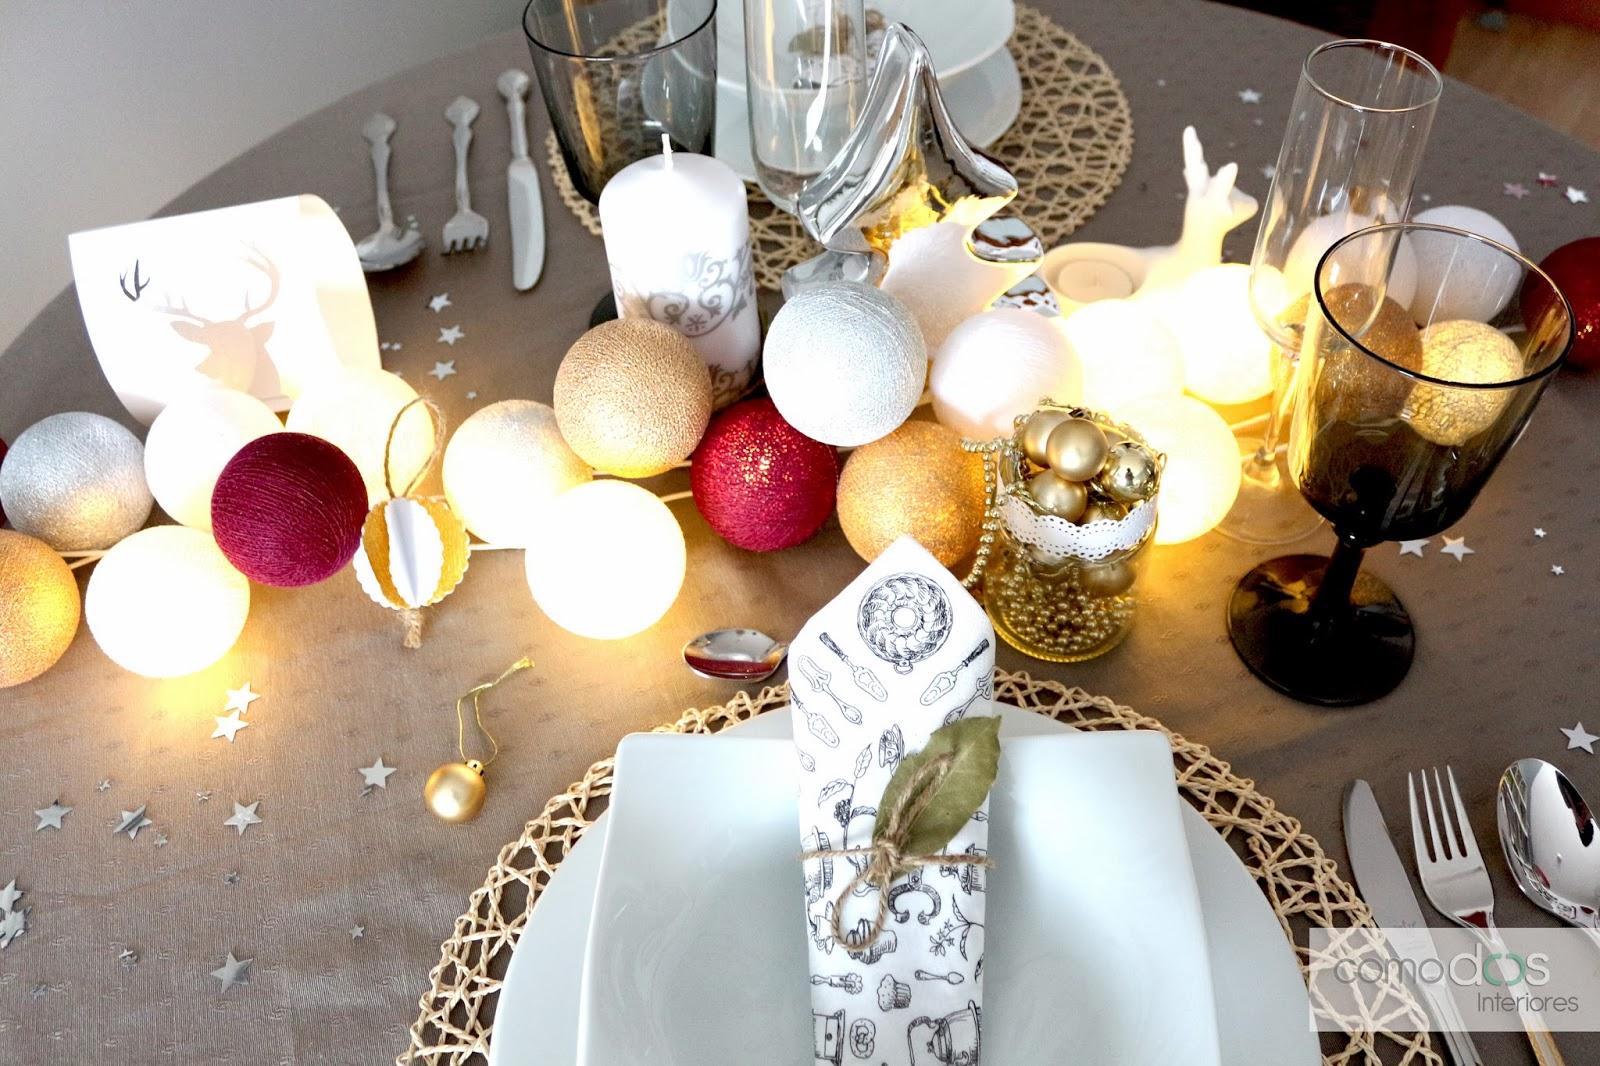 Comodoos interiores tu blog de decoracion poner la mesa - Blog decoracion navidad ...